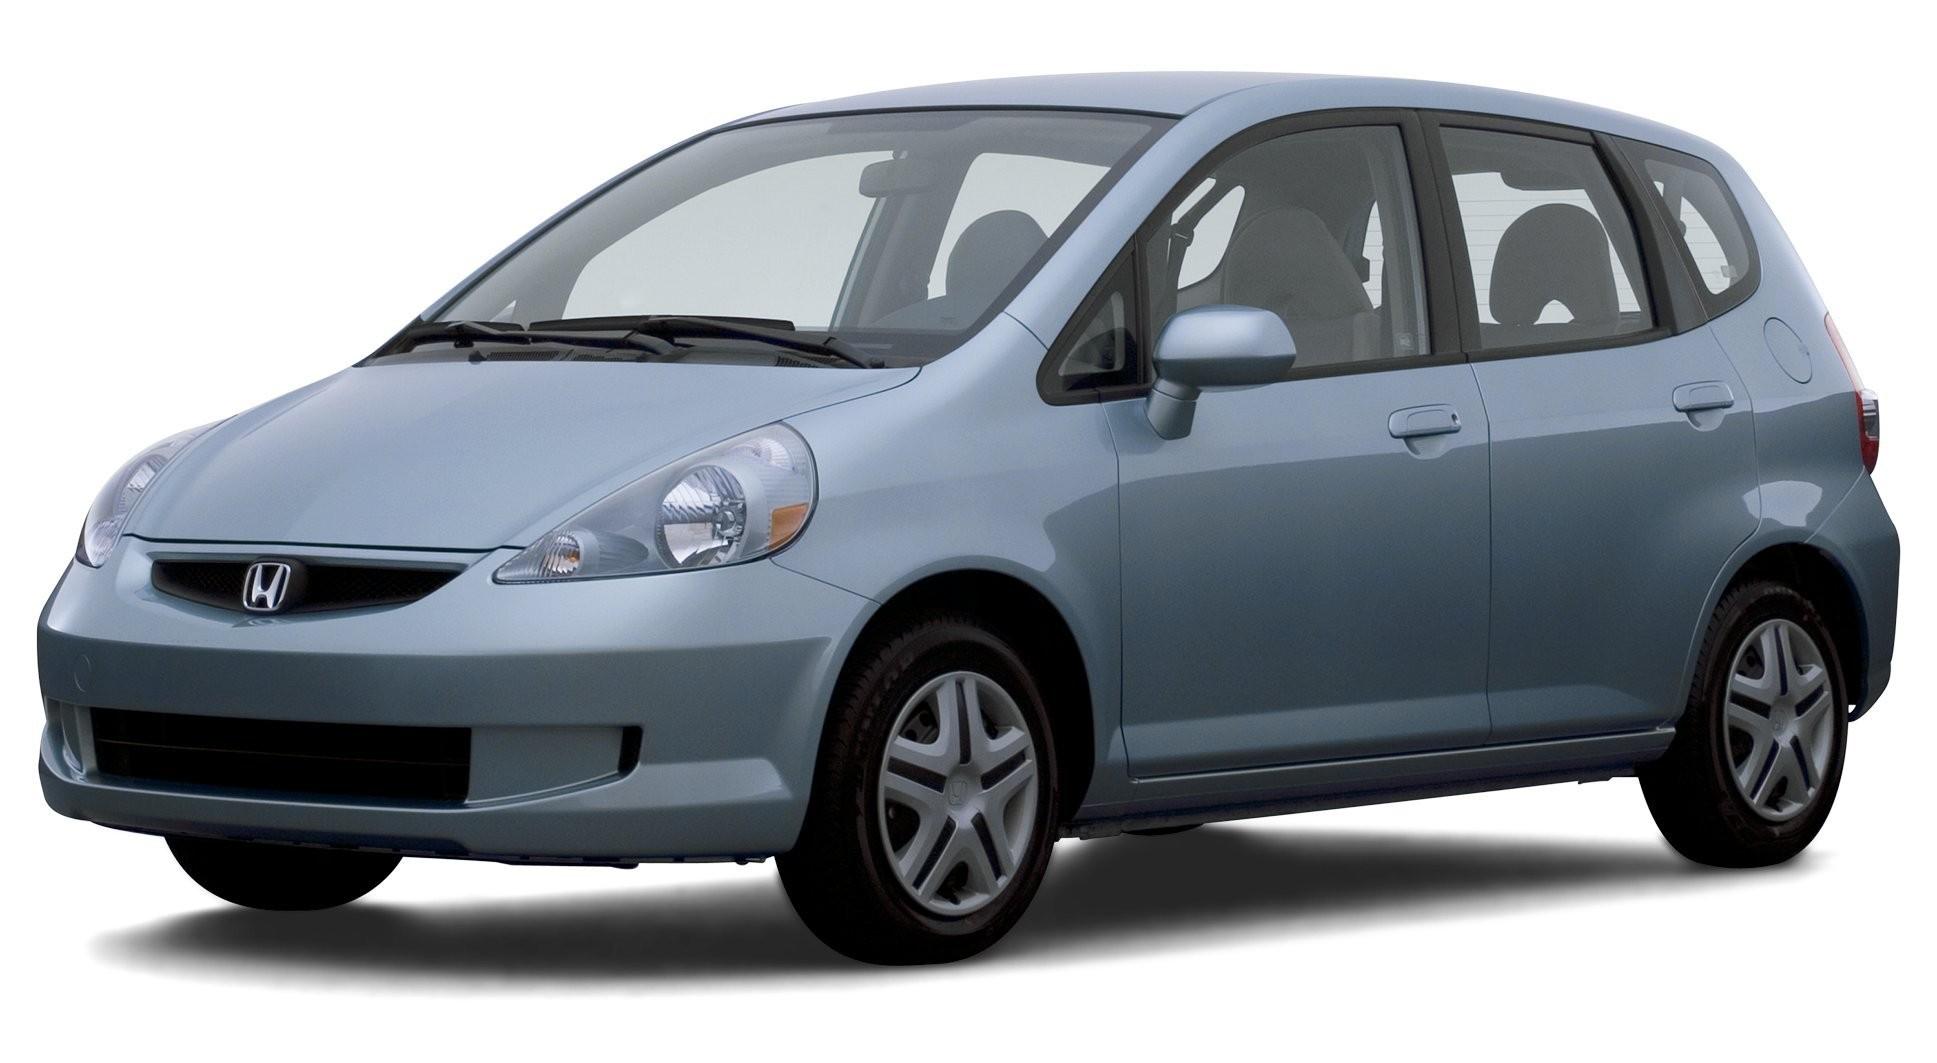 2007 Dodge Caliber 4 Door Hatchback Front Wheel Drive 2007 Honda Fit 5 Door Hatchback Manual Transmission